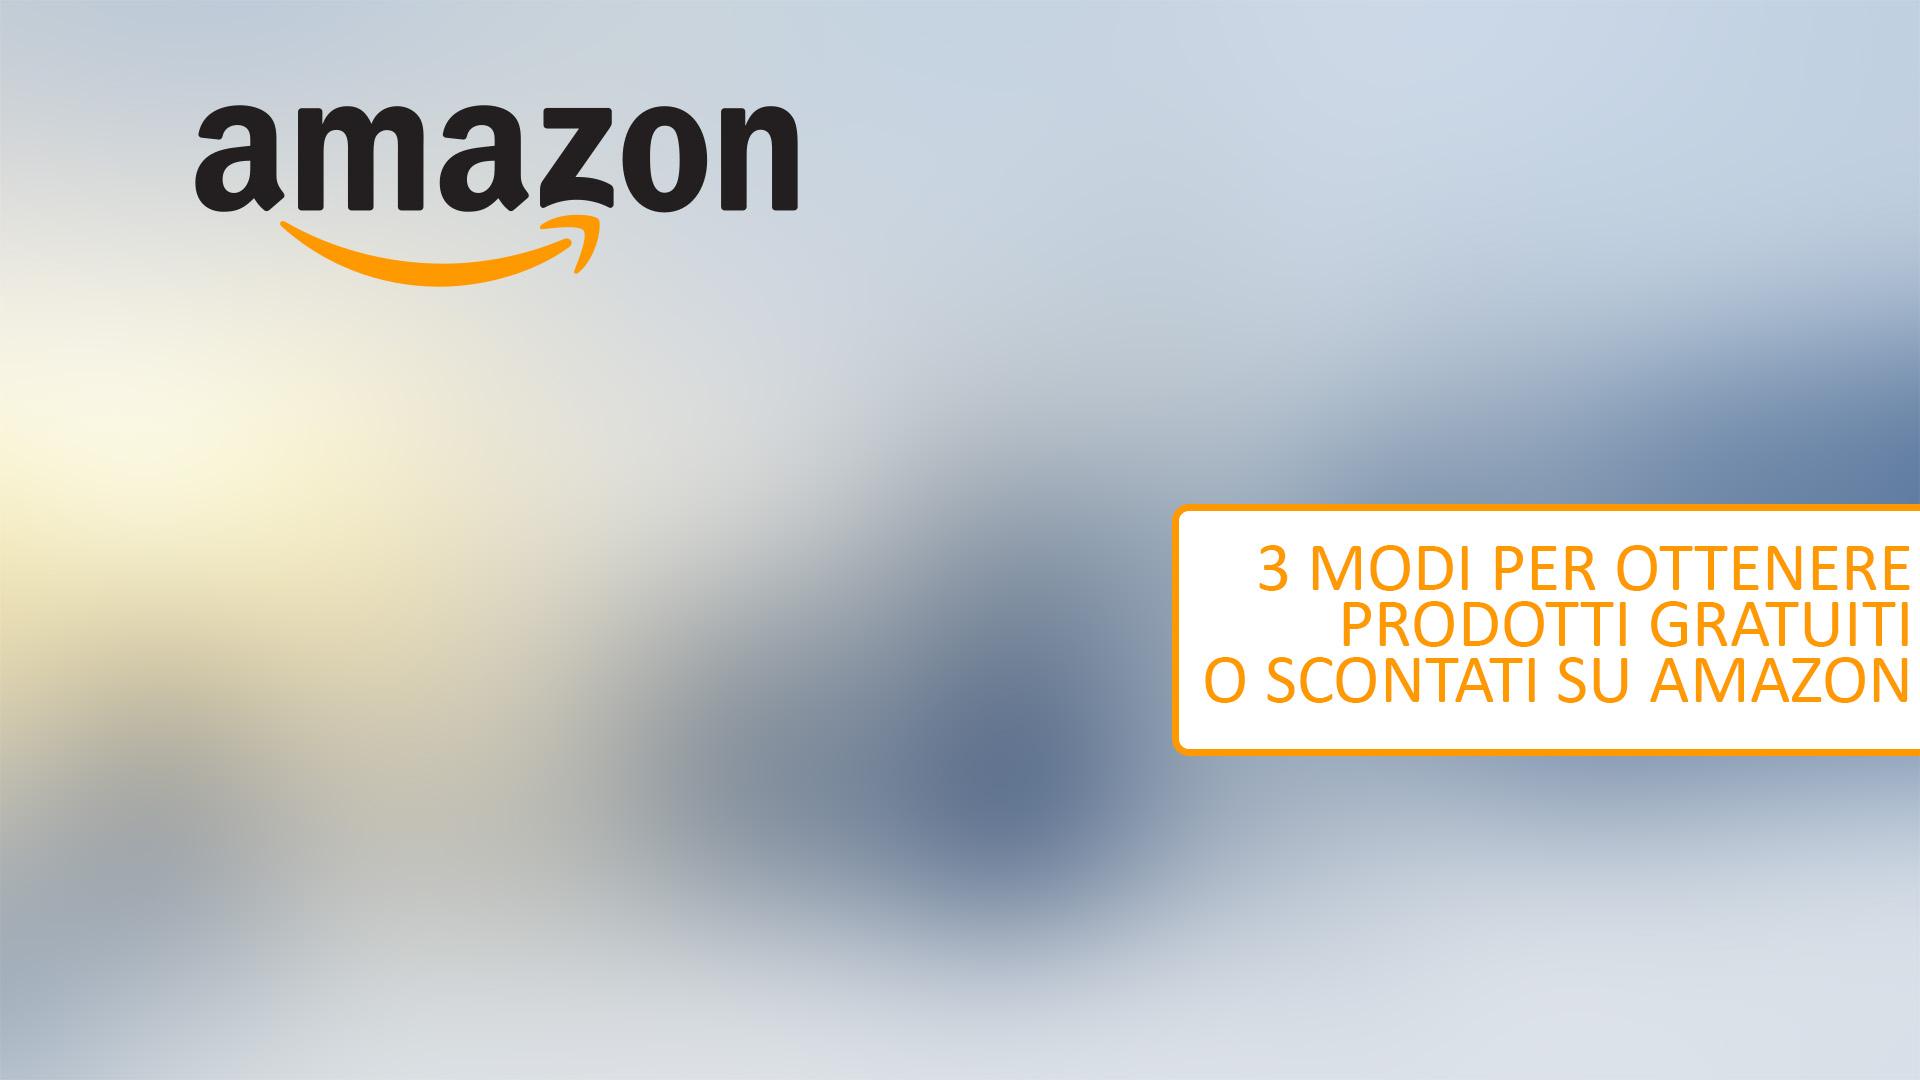 3 modi per ottenere prodotti gratuiti o scontati su Amazon